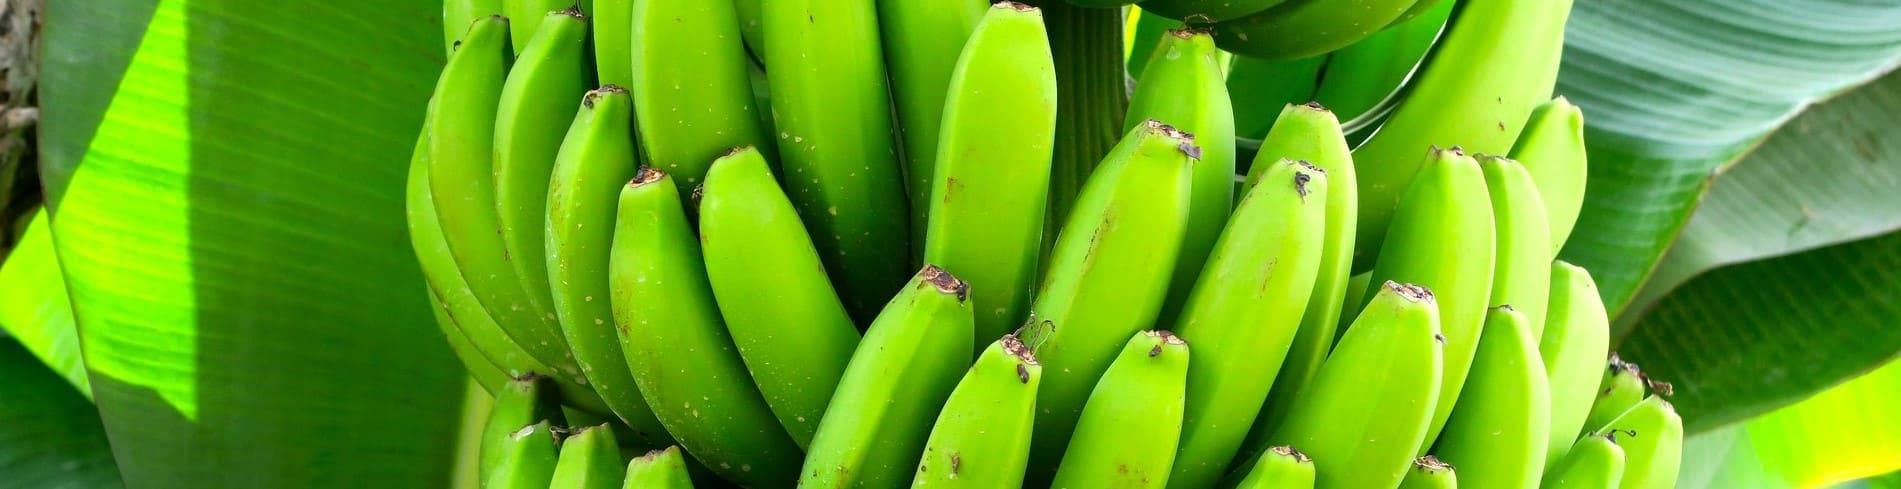 bananas dominicana